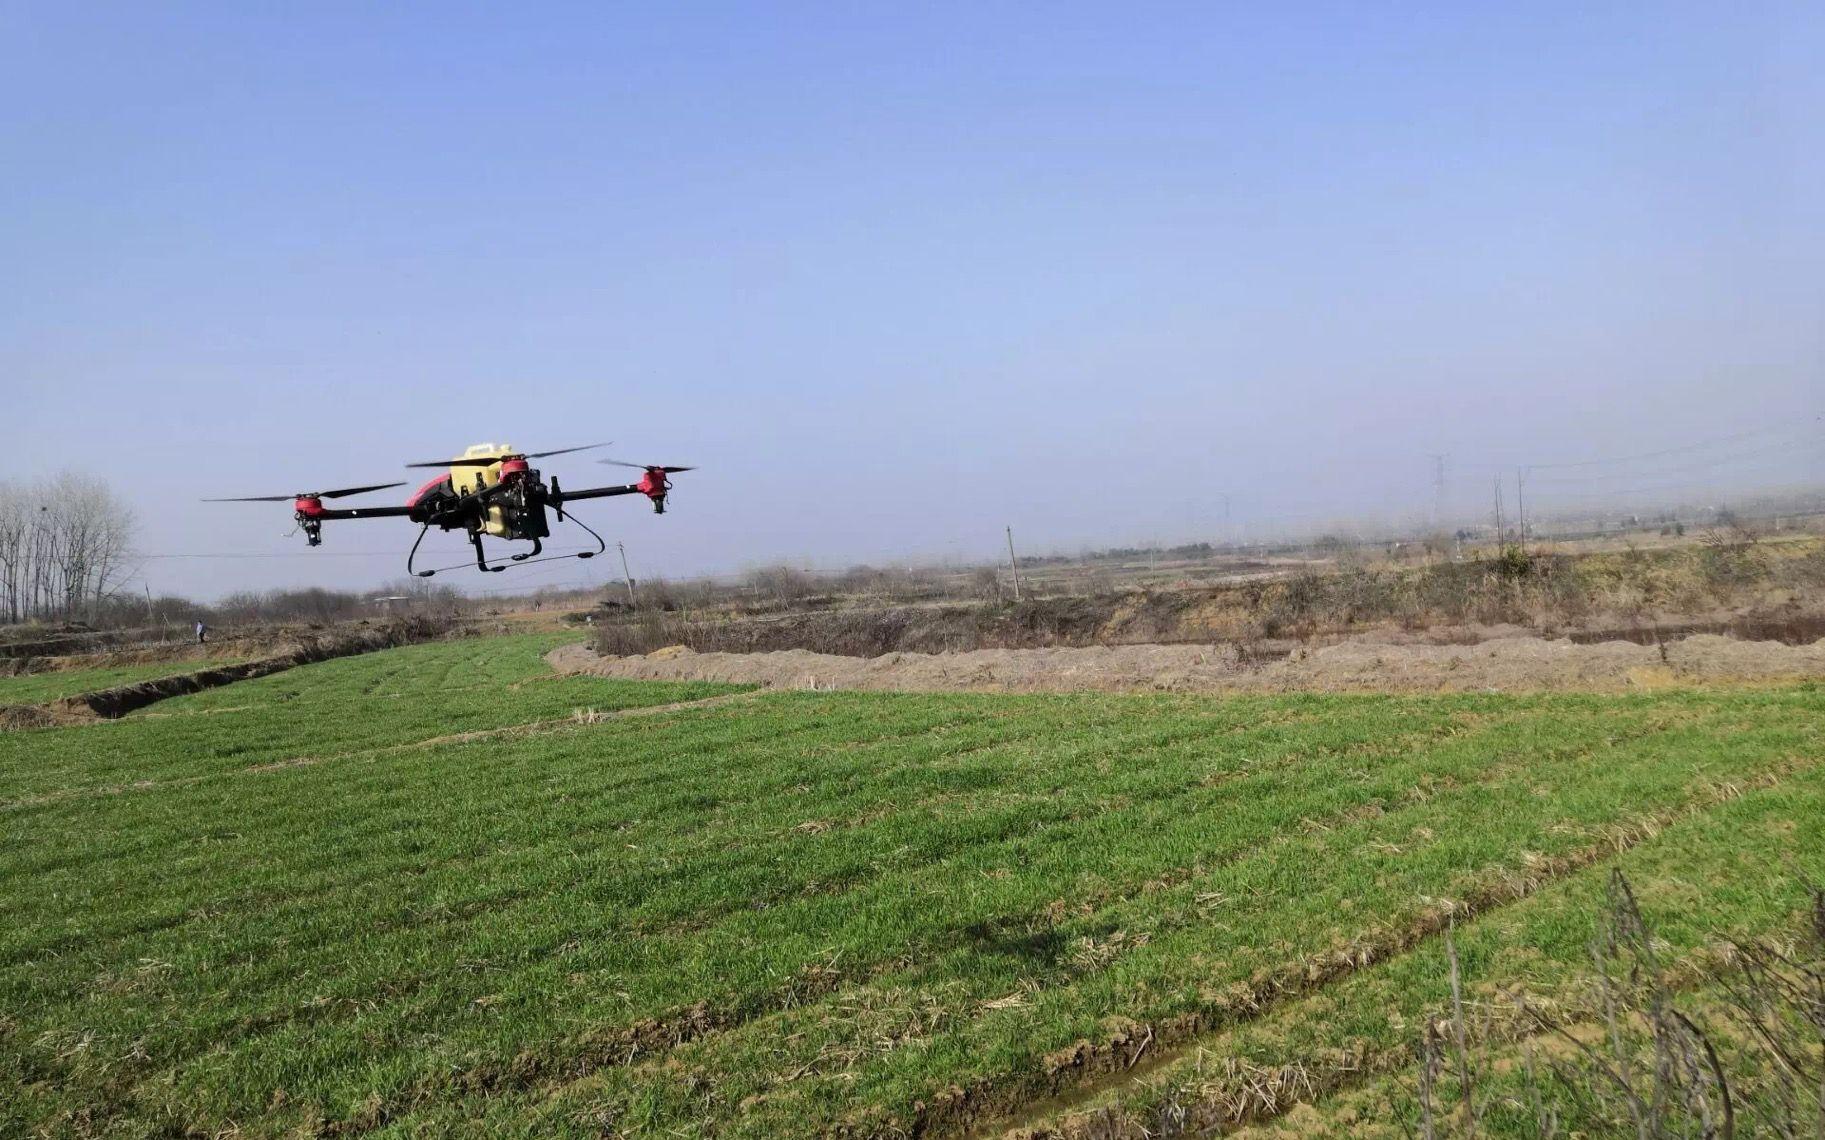 2分钟搞定1亩地 安徽飞手为村民无偿喷洒700亩麦田图片